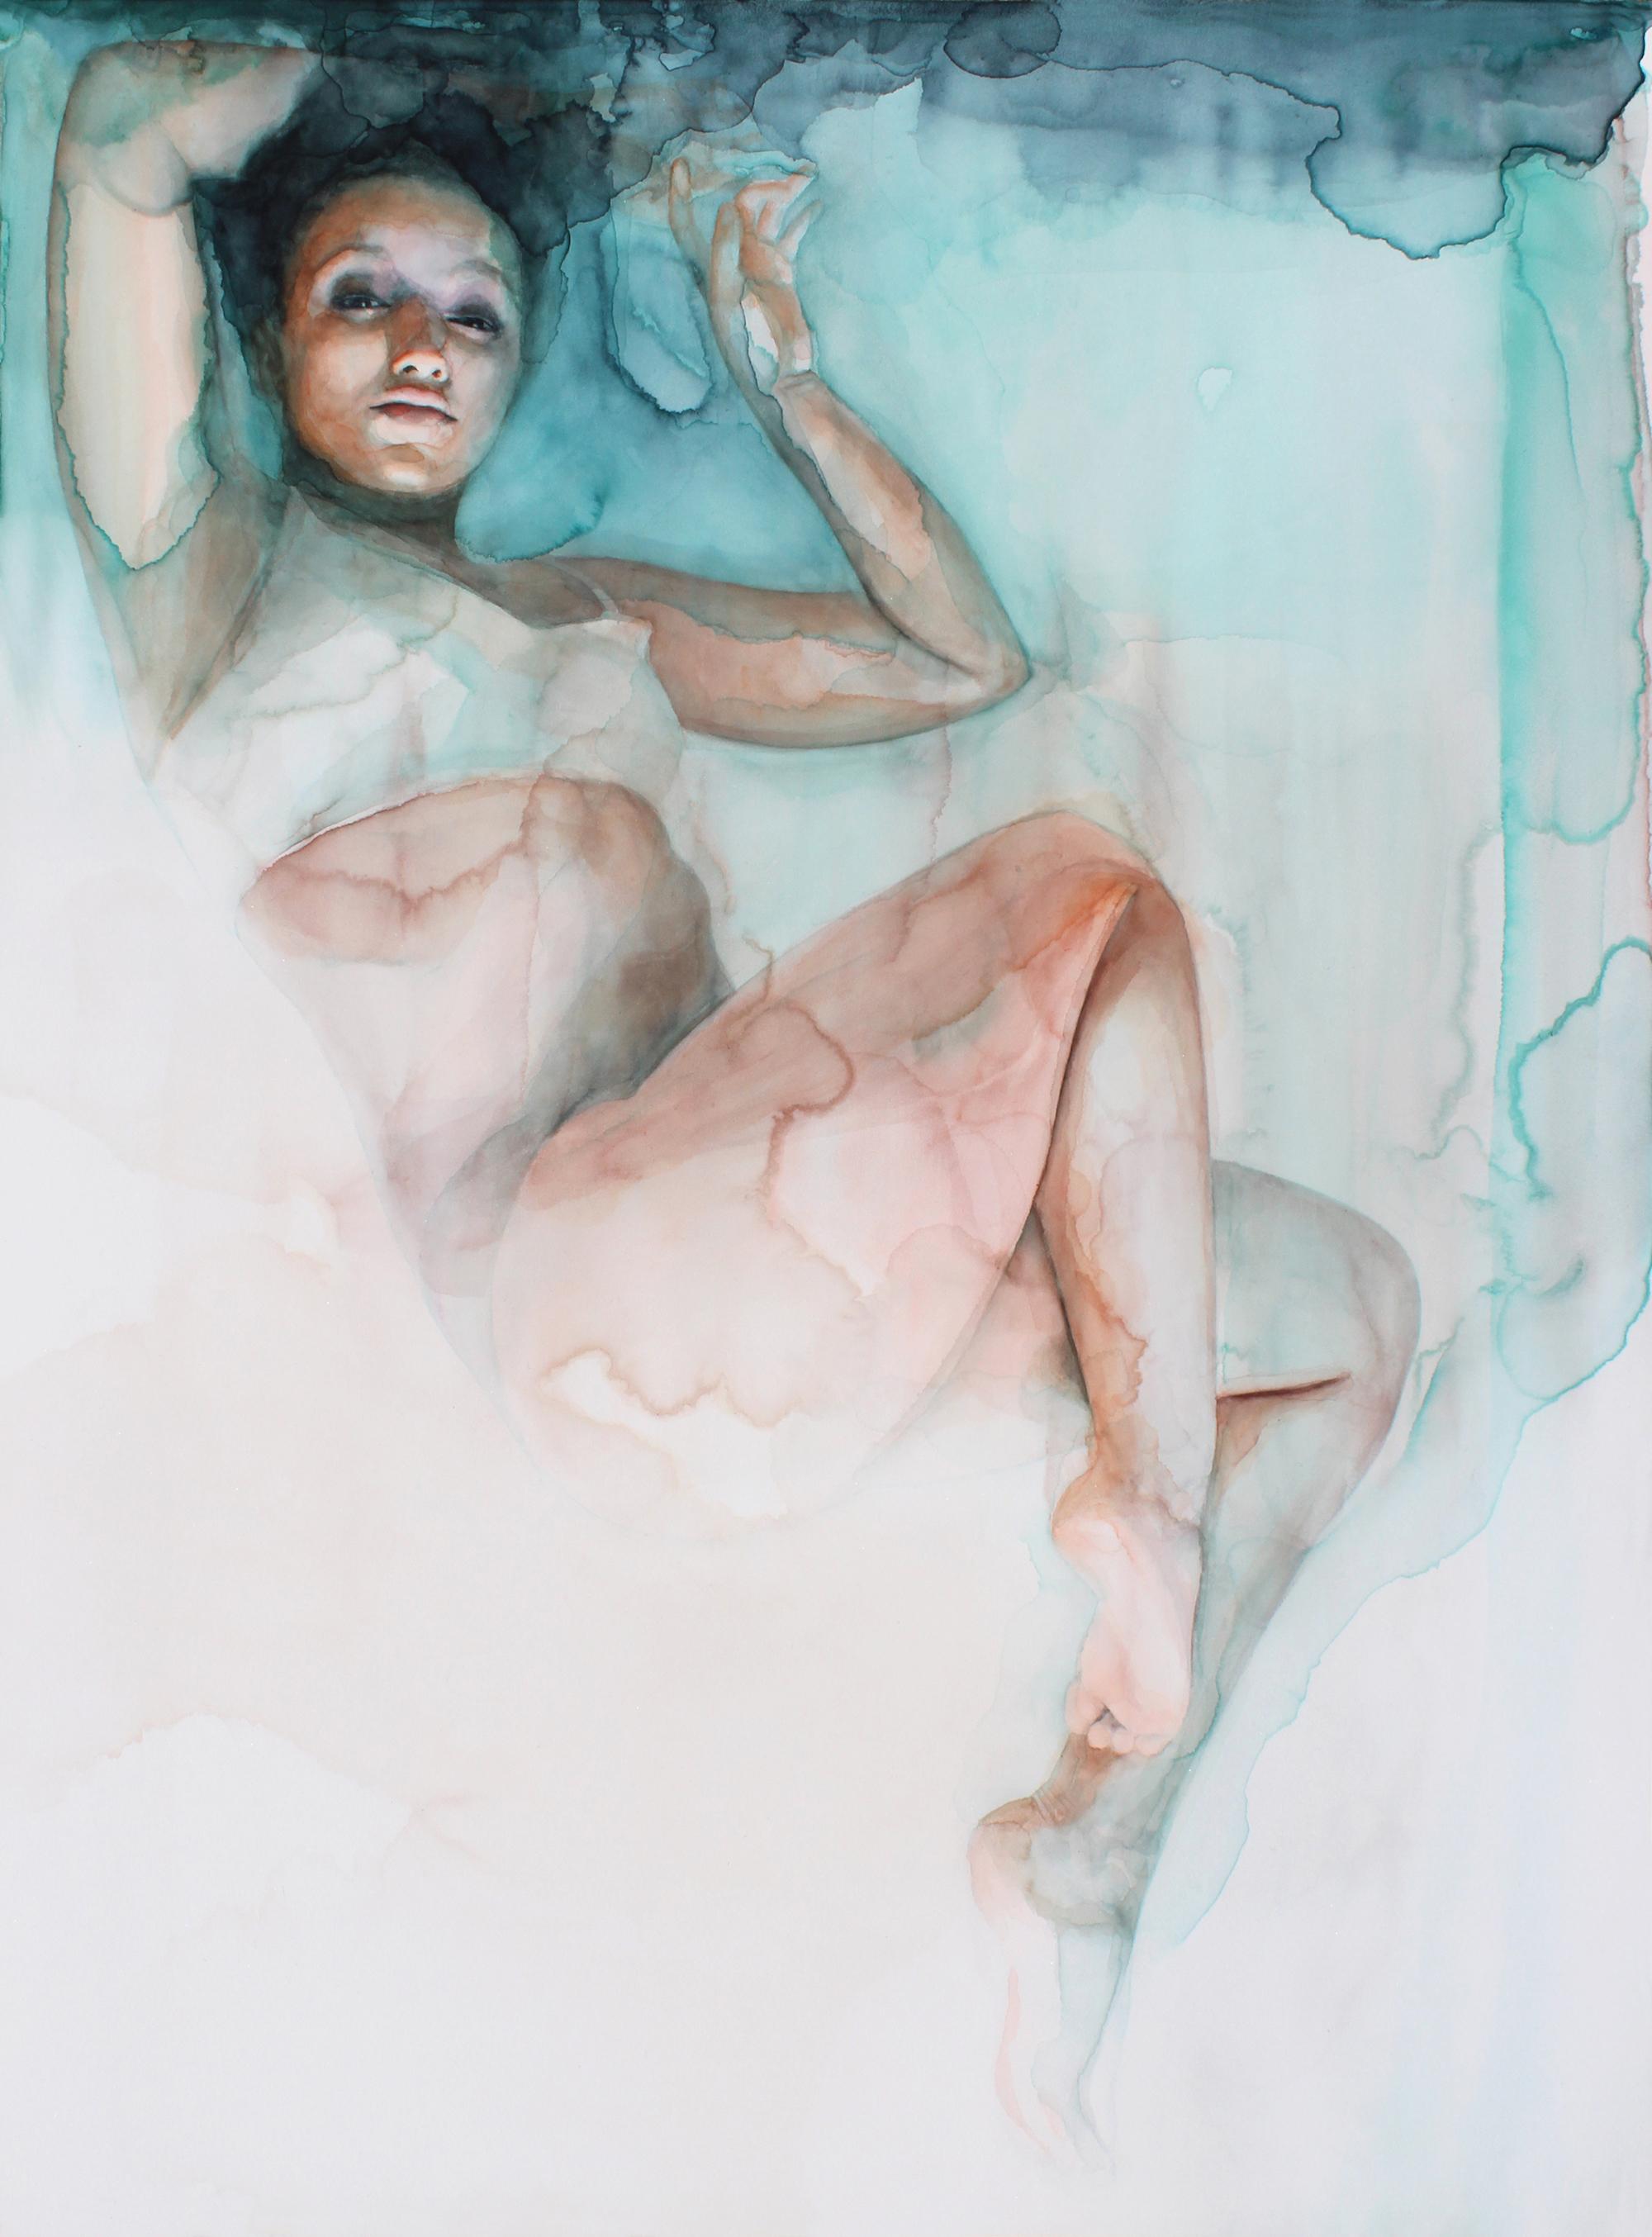 Gli acquerelli onirici di Ali Cavanaugh sono affreschi moderni | Collater.al 3